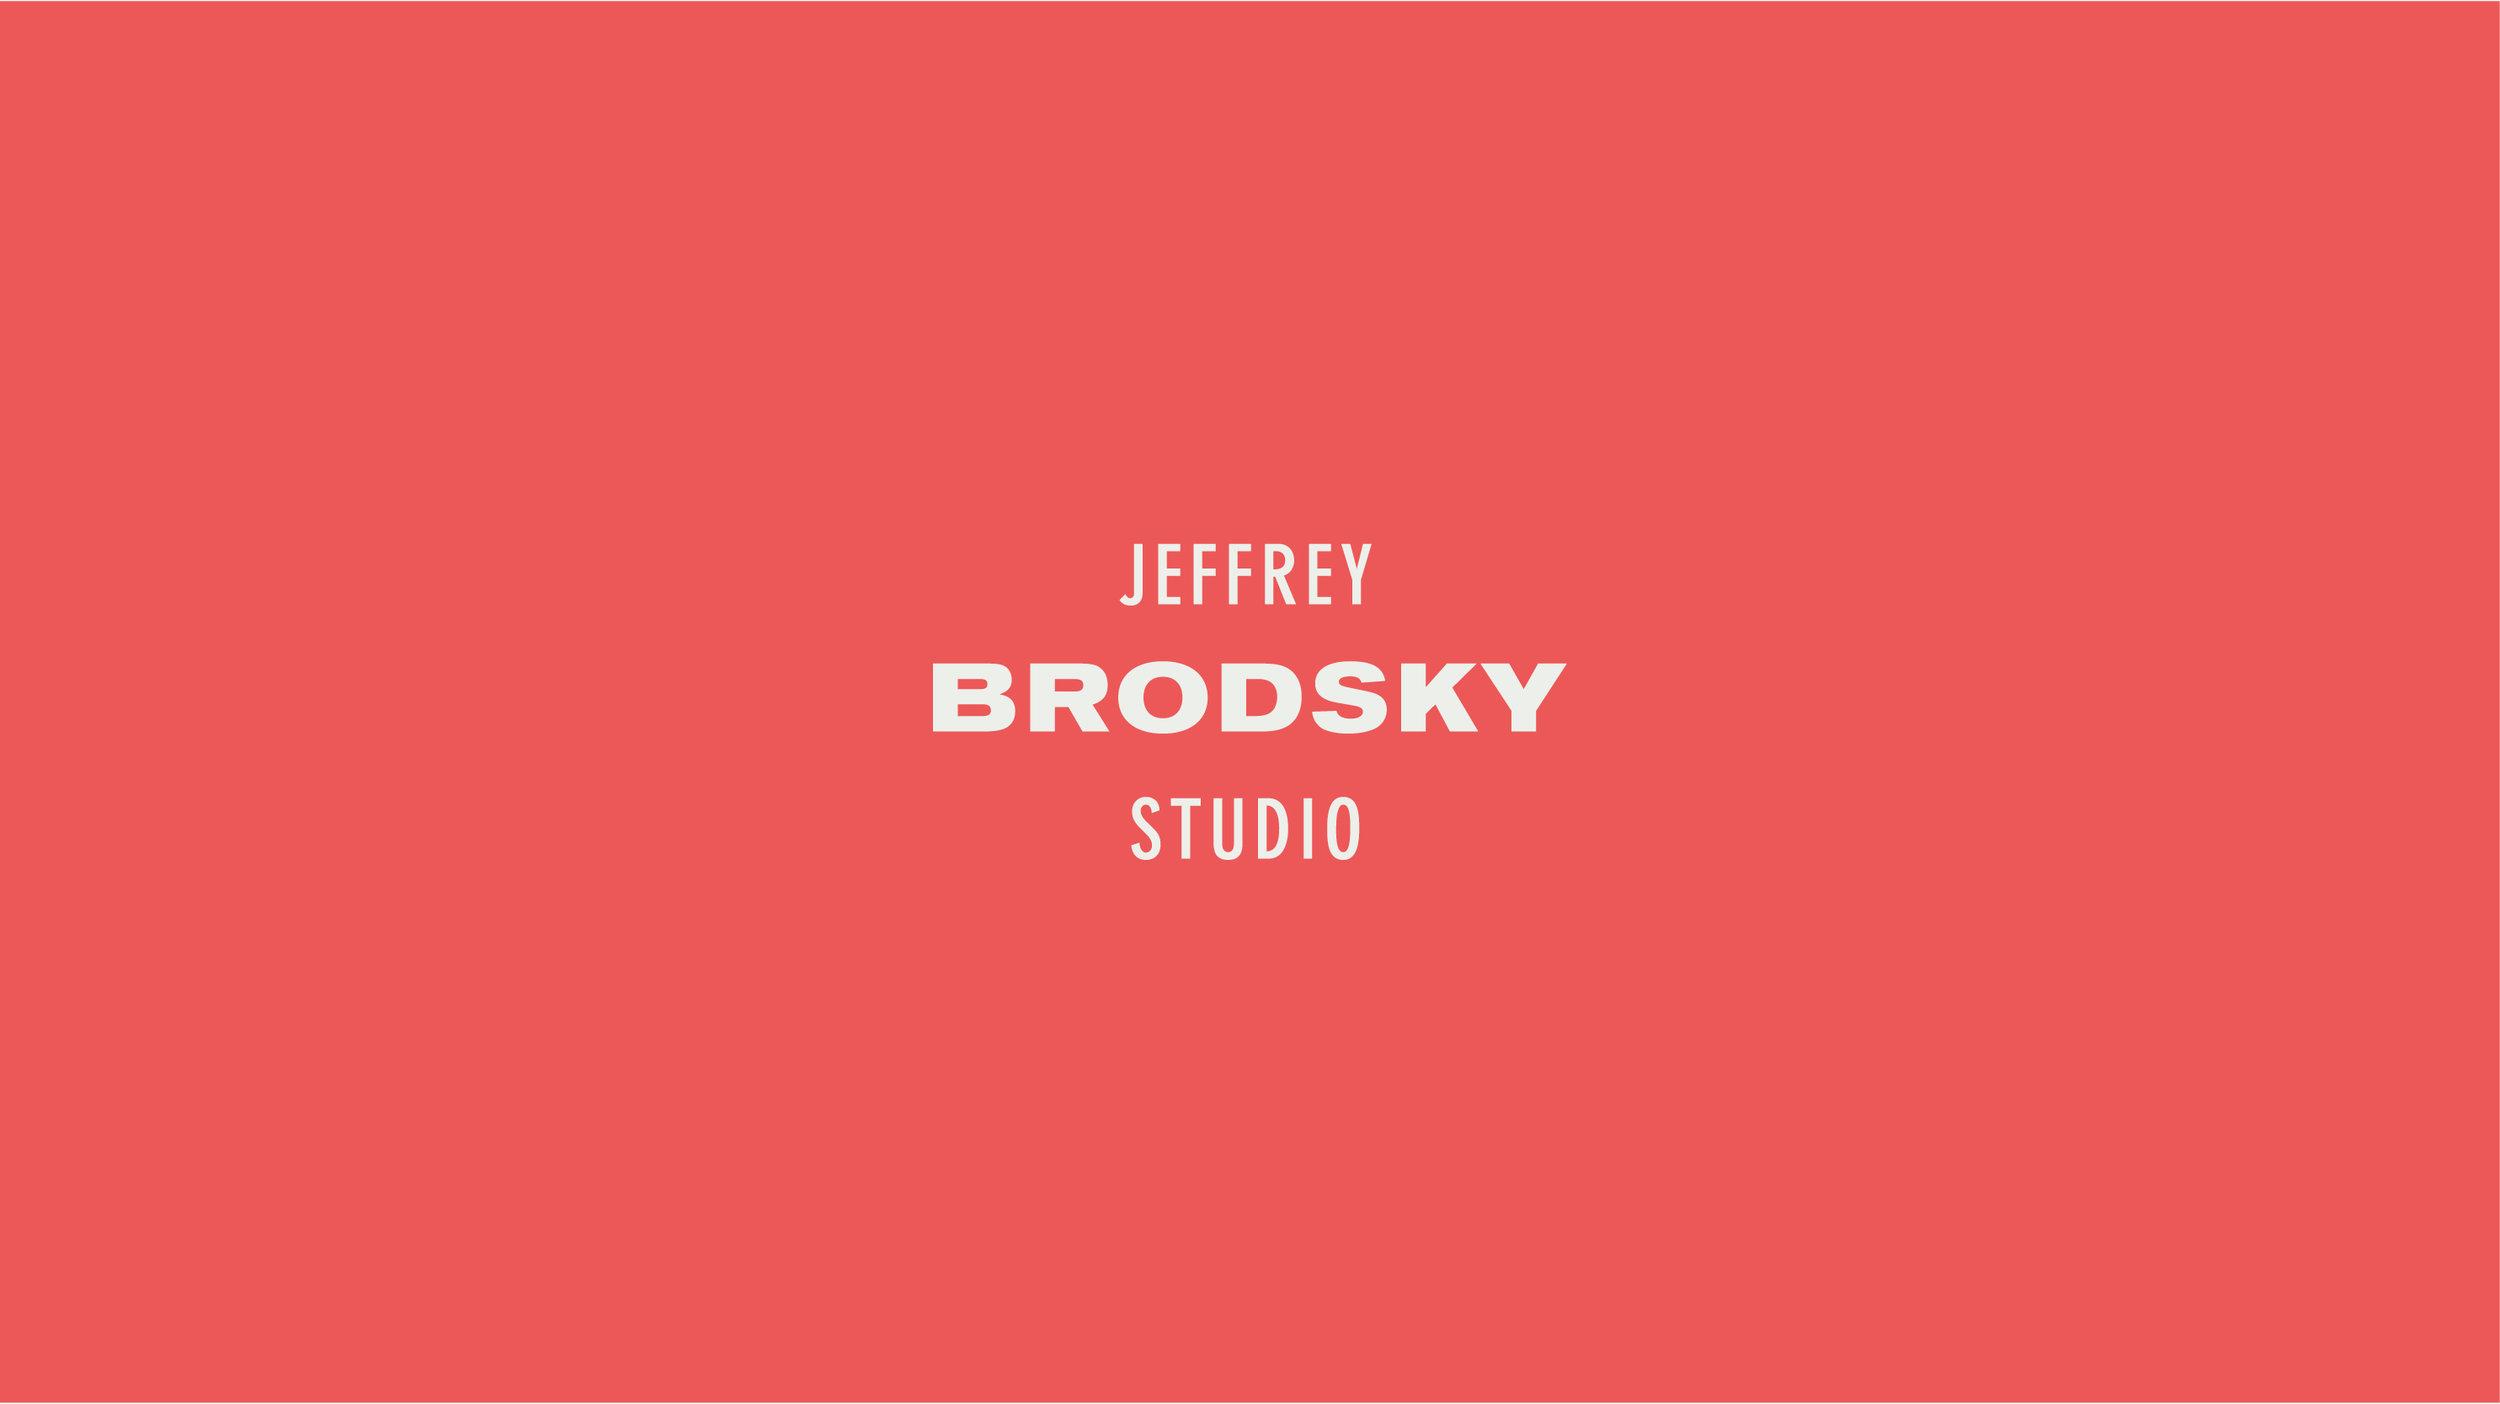 JeffreyBrodsky_TitleCards-02.jpg